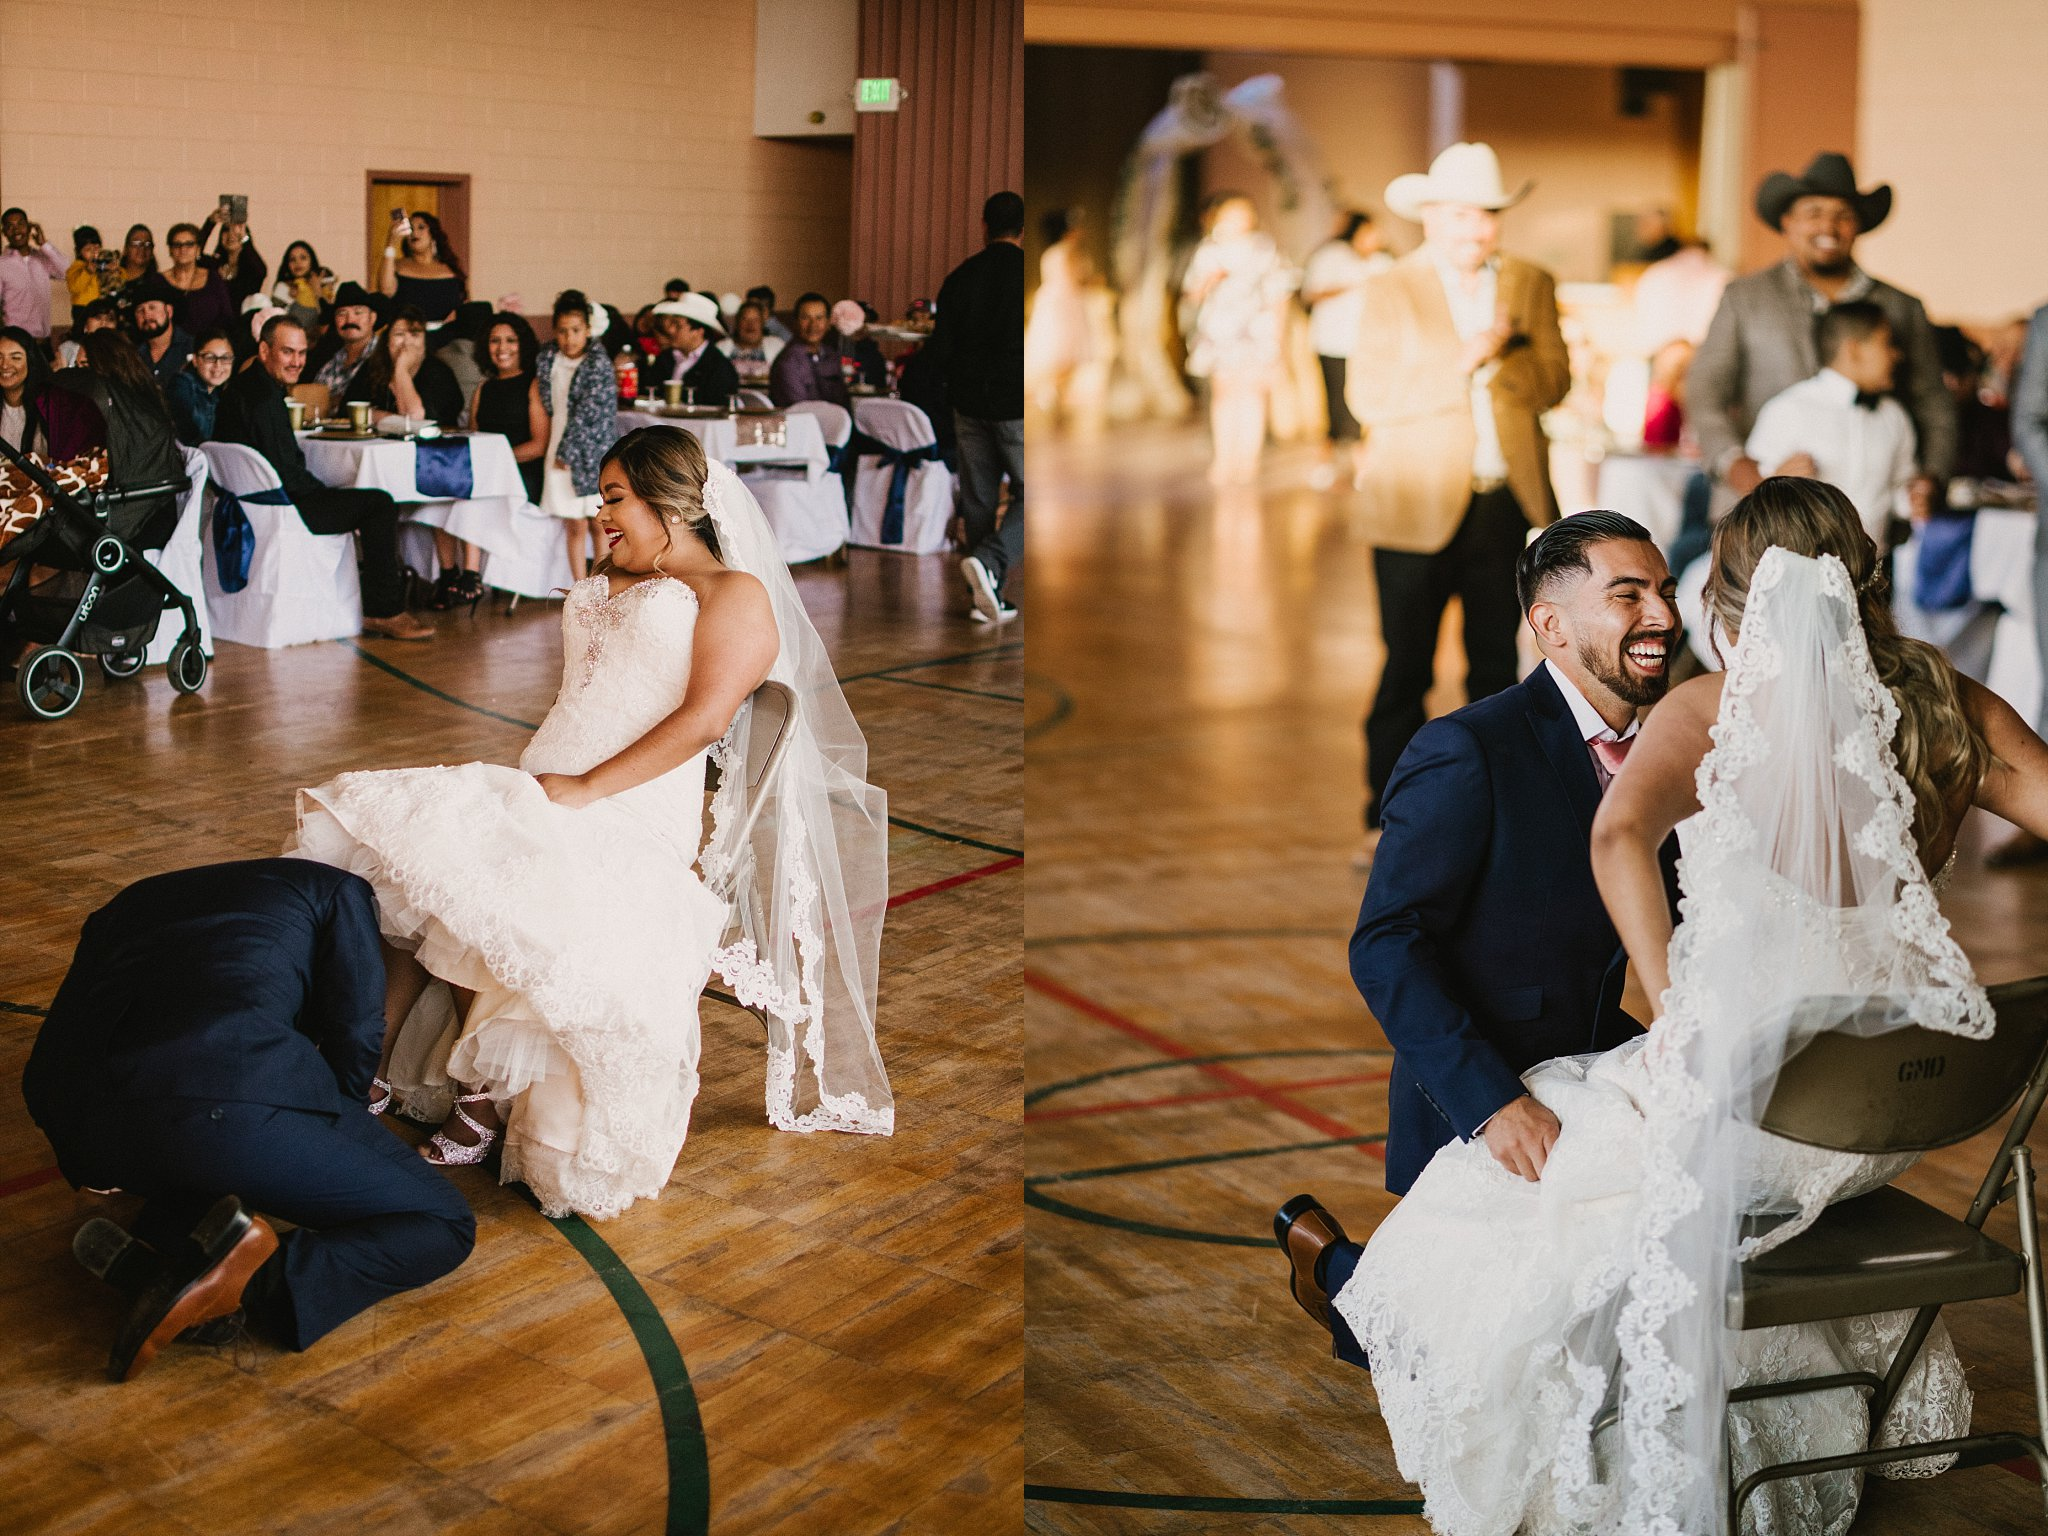 monterey-wedding-photographer-drew-zavala-john-yanderi-558.jpg